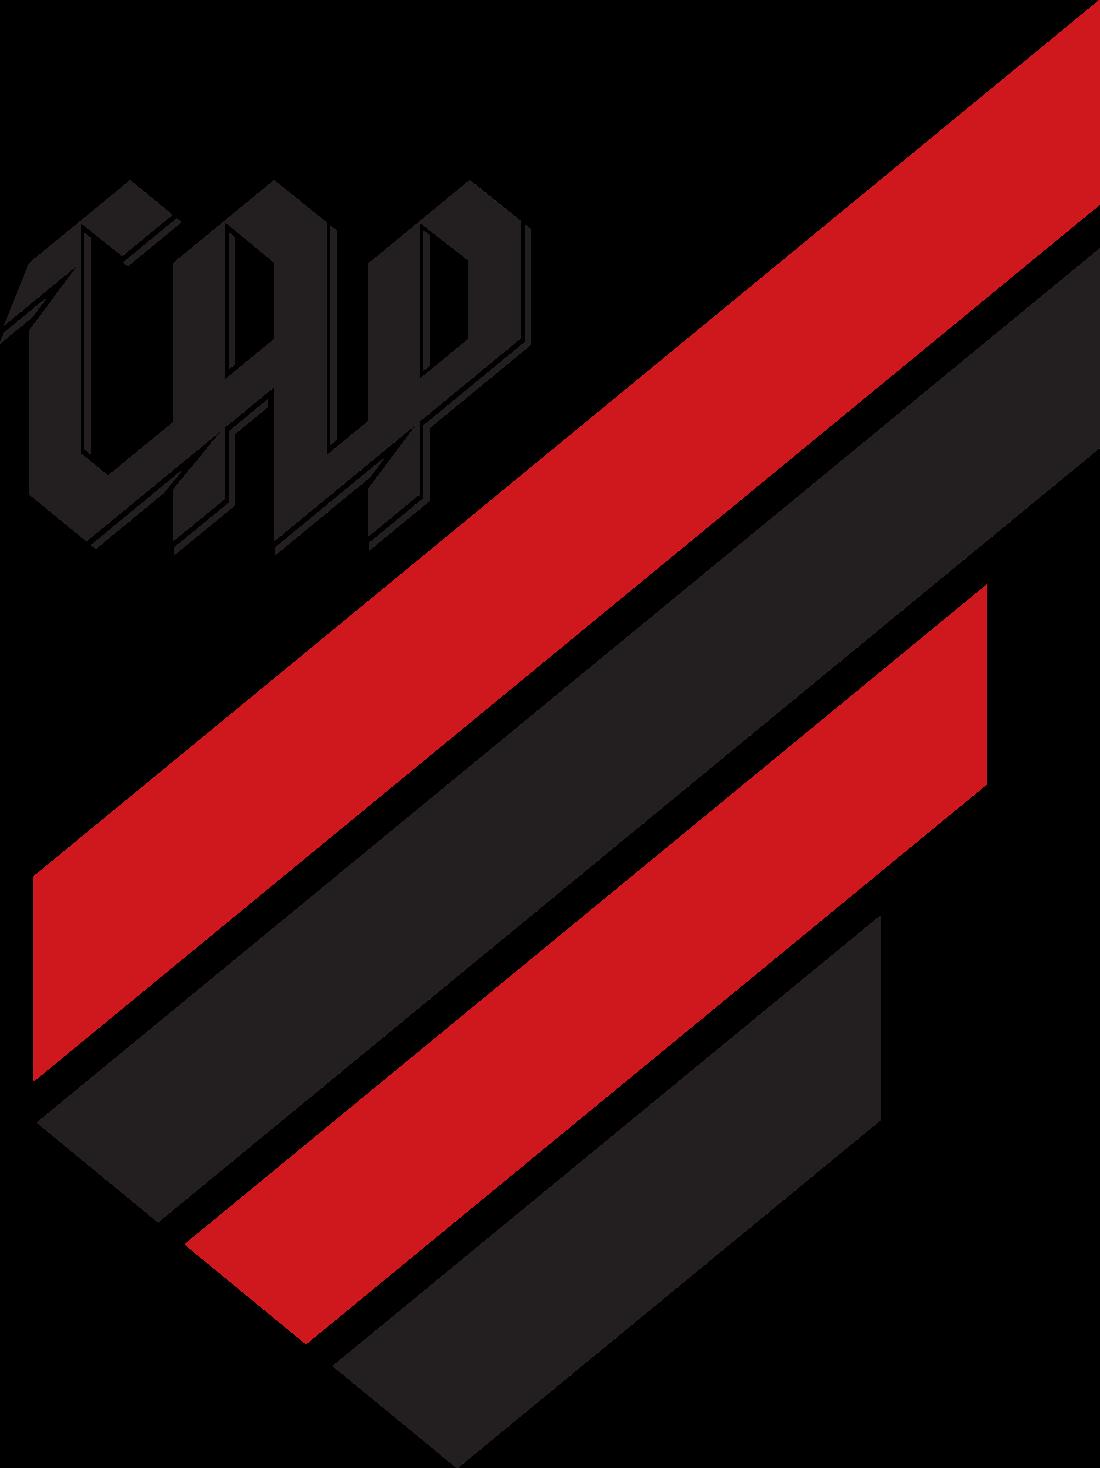 athletico-paranaense-logo-escudo-3